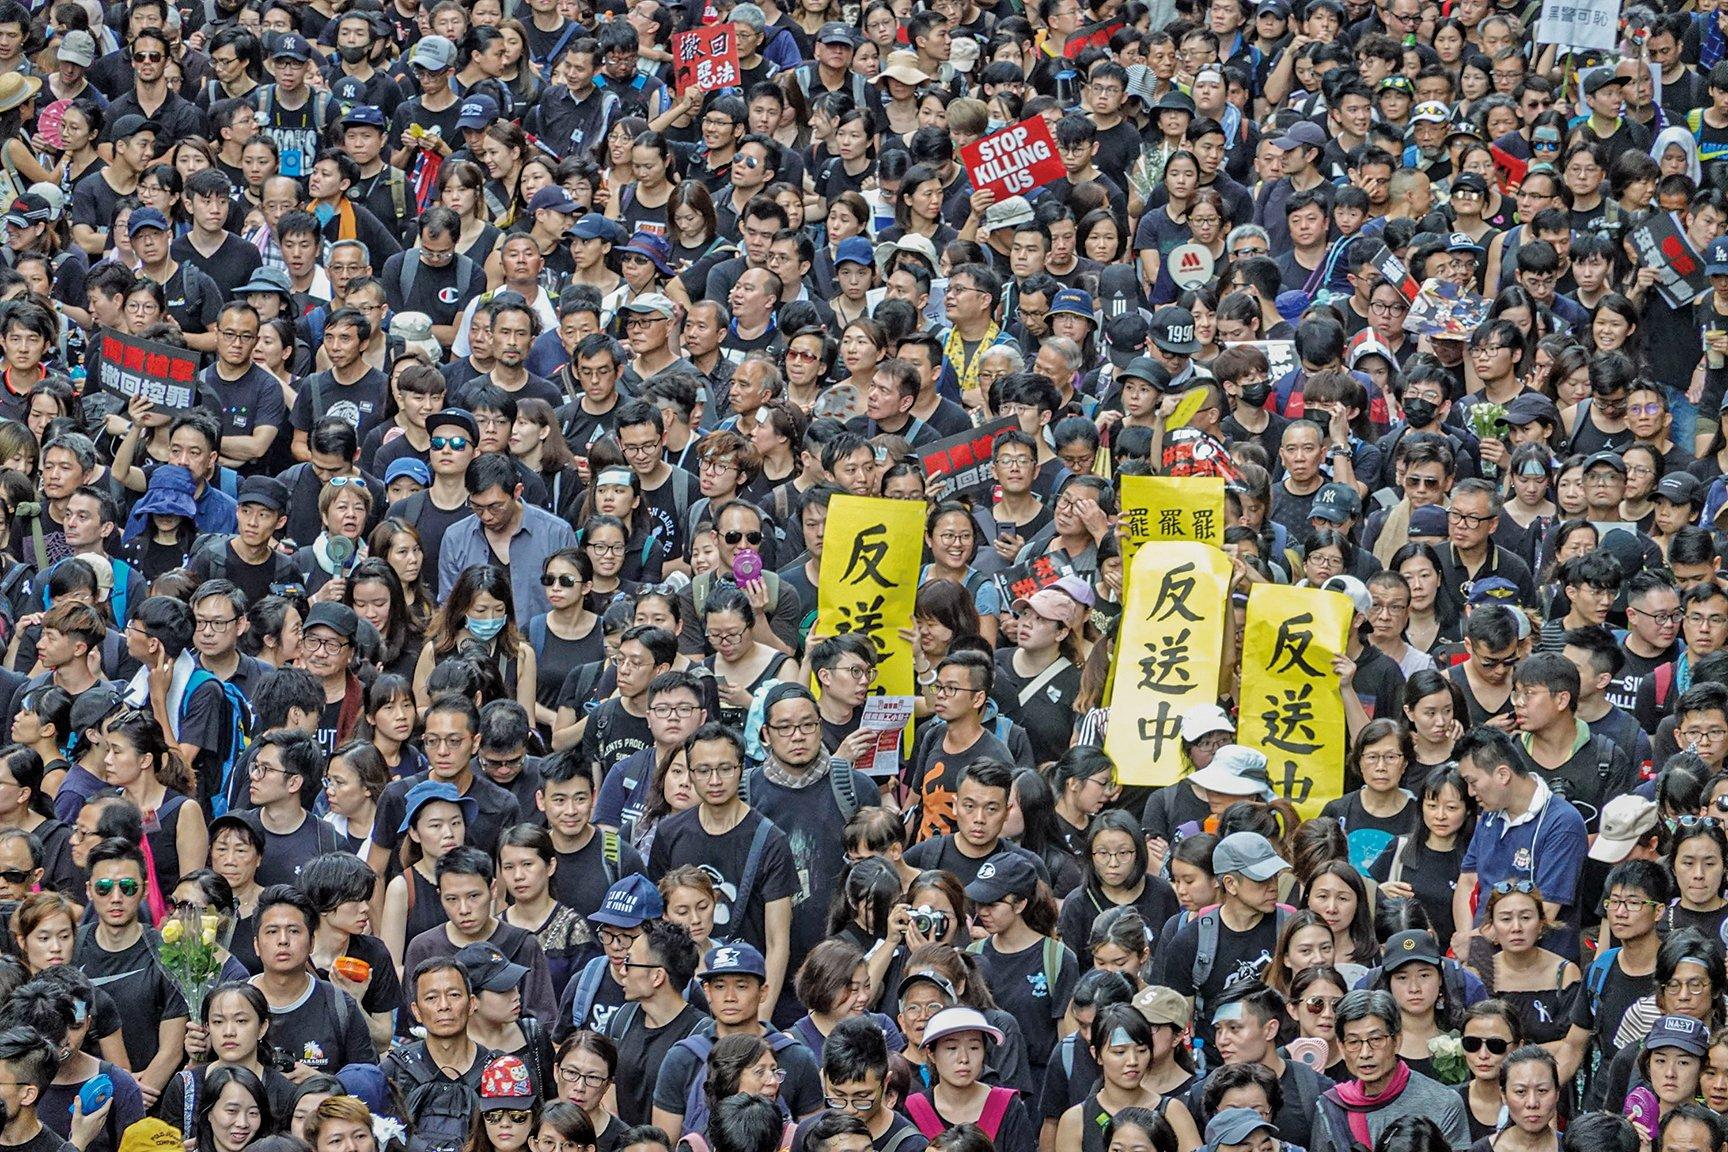 香港200萬人於16日上街反對《逃犯條例》修訂,是香港歷來最大規模的抗議活動。(余鋼/大紀元資料圖片)